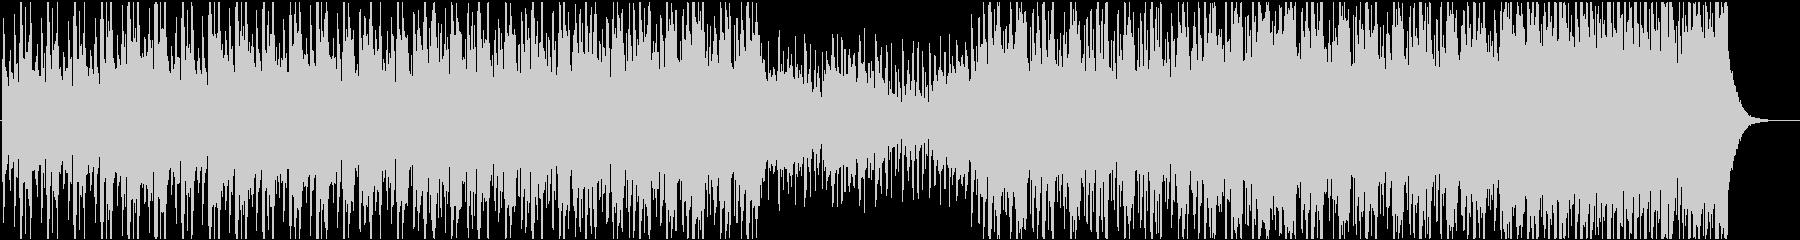 力強い和太鼓と和楽器のBGMの未再生の波形